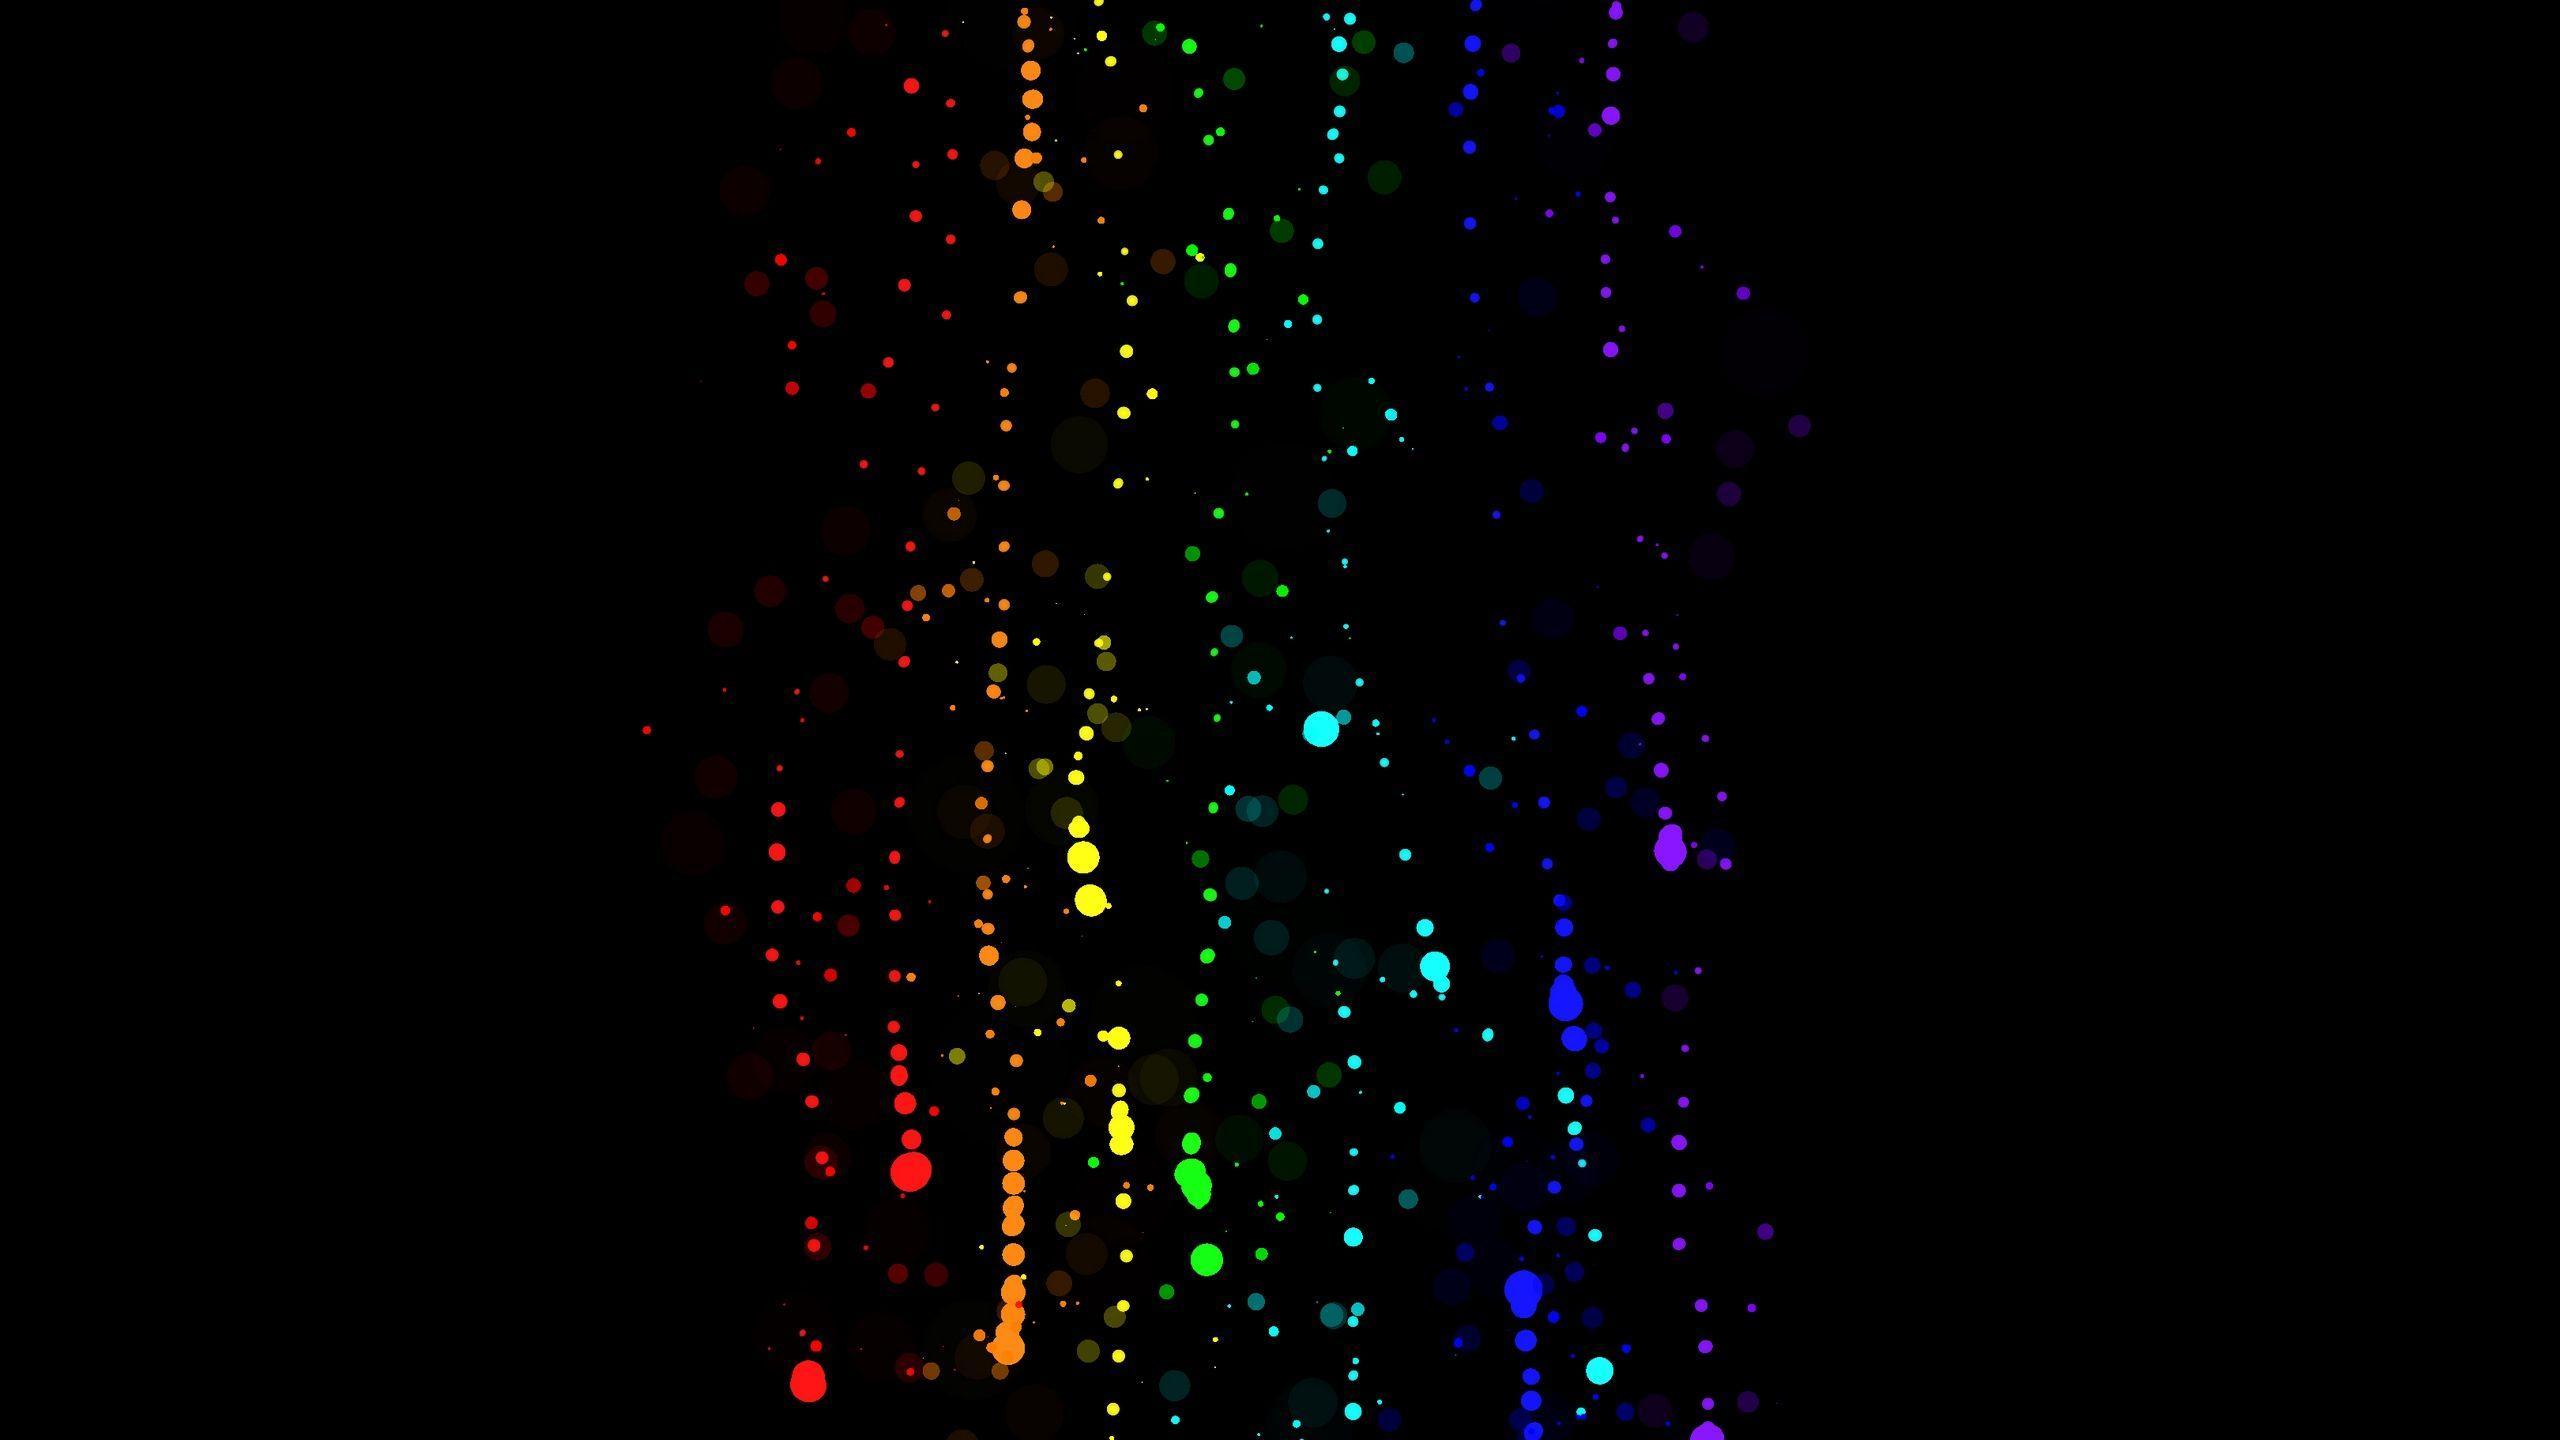 37+ Awesome Black Rainbow Background